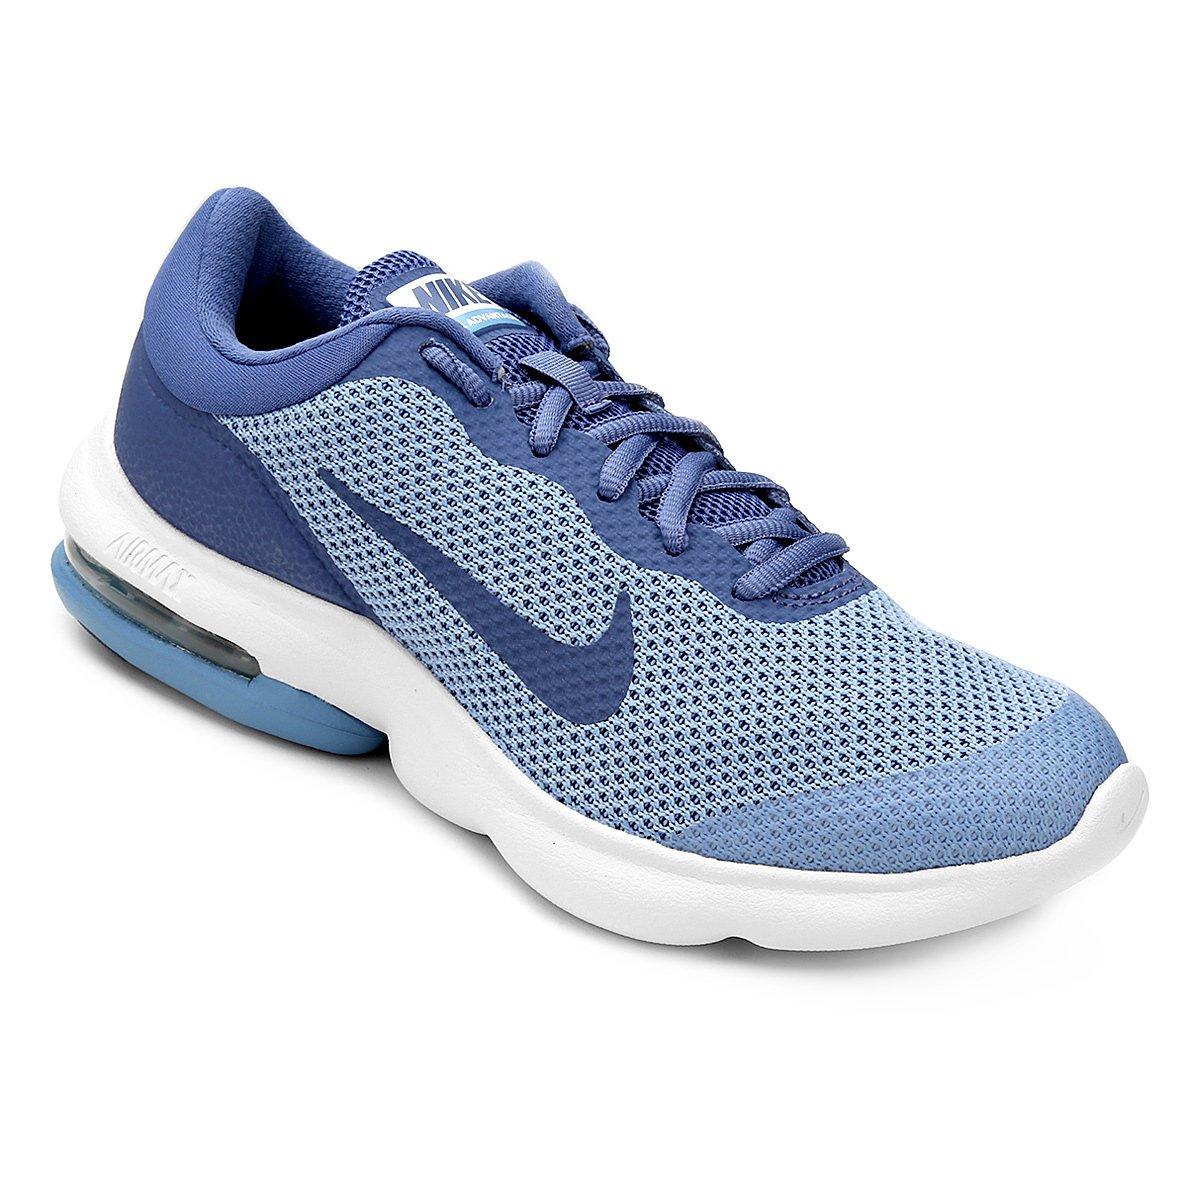 e4049d00e60 Tênis Nike Air Max Advantage Feminino - Azul - Compre Agora